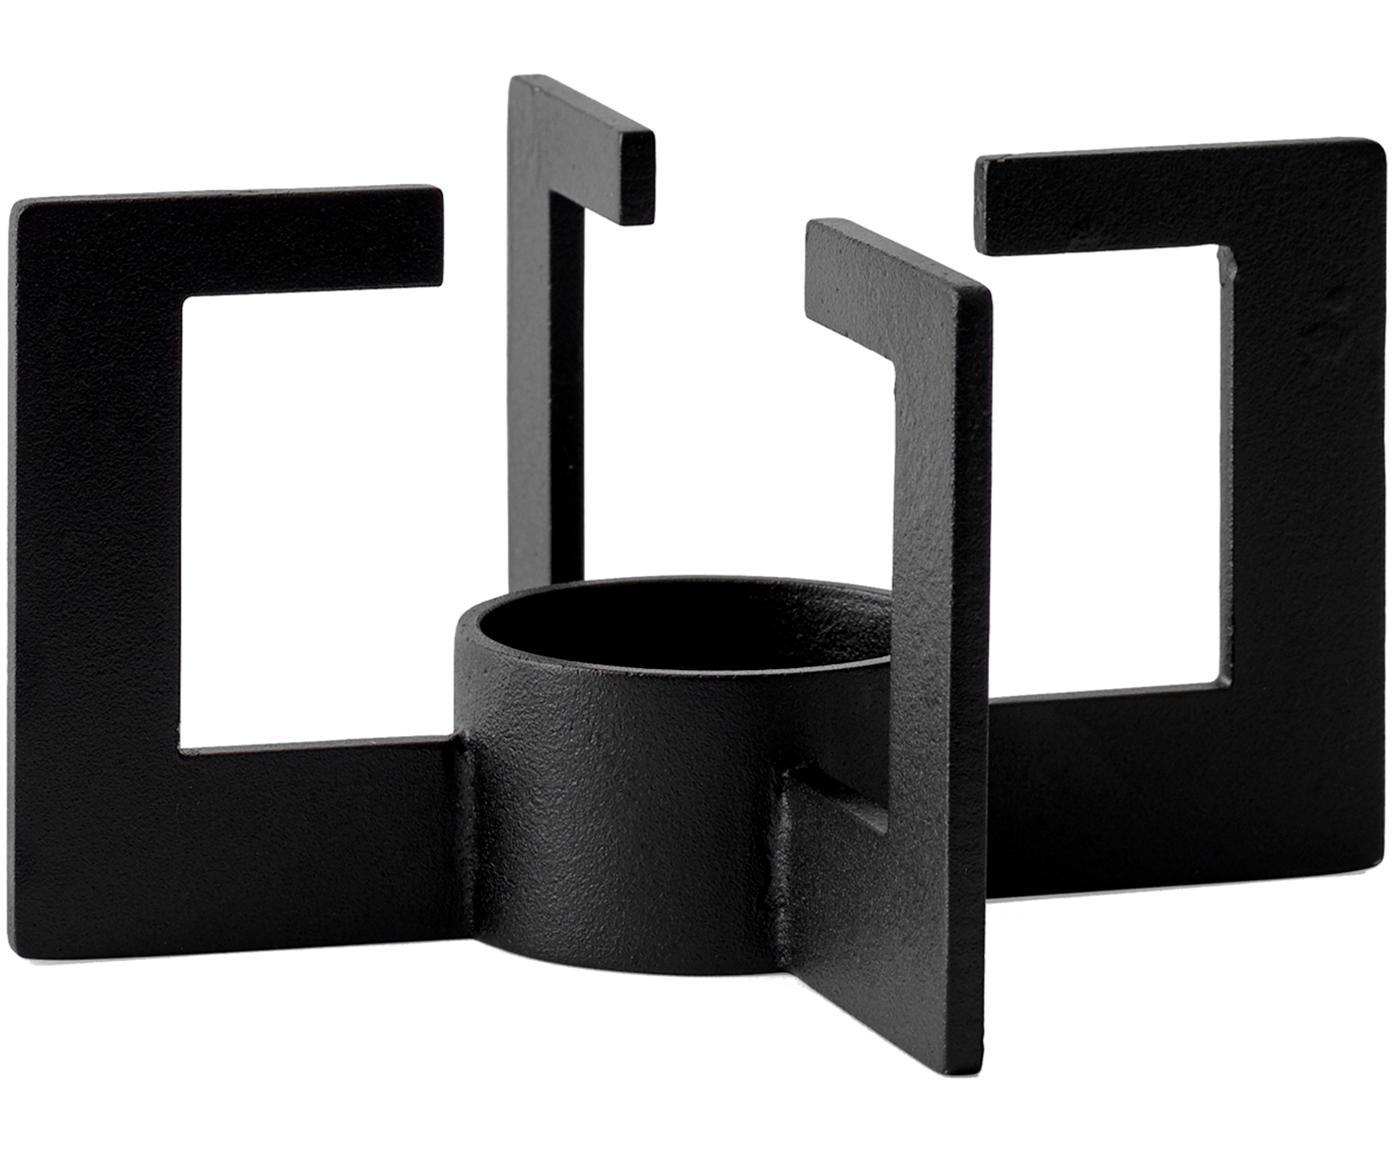 Stövchen Warm-Up, Metall, pulverbeschichtet, Gummi, Schwarz, Ø 8 x H 15 cm